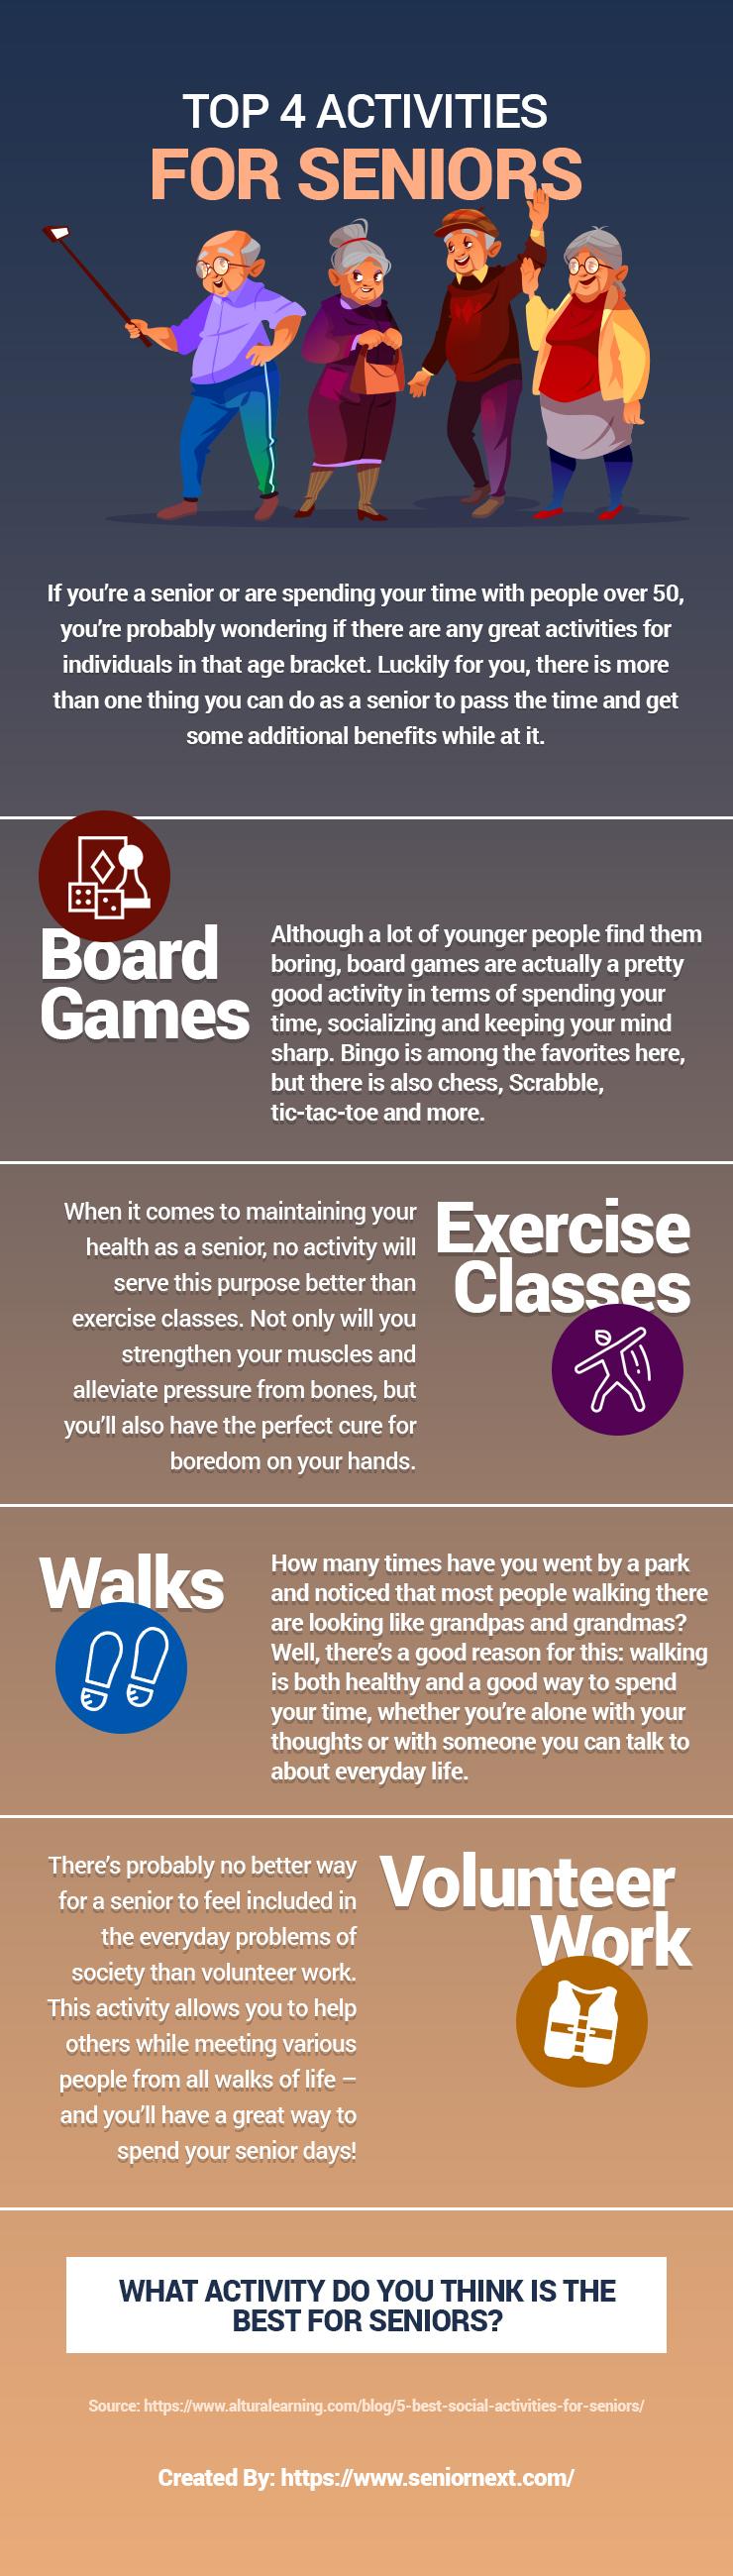 Top 4 Activities for Seniors